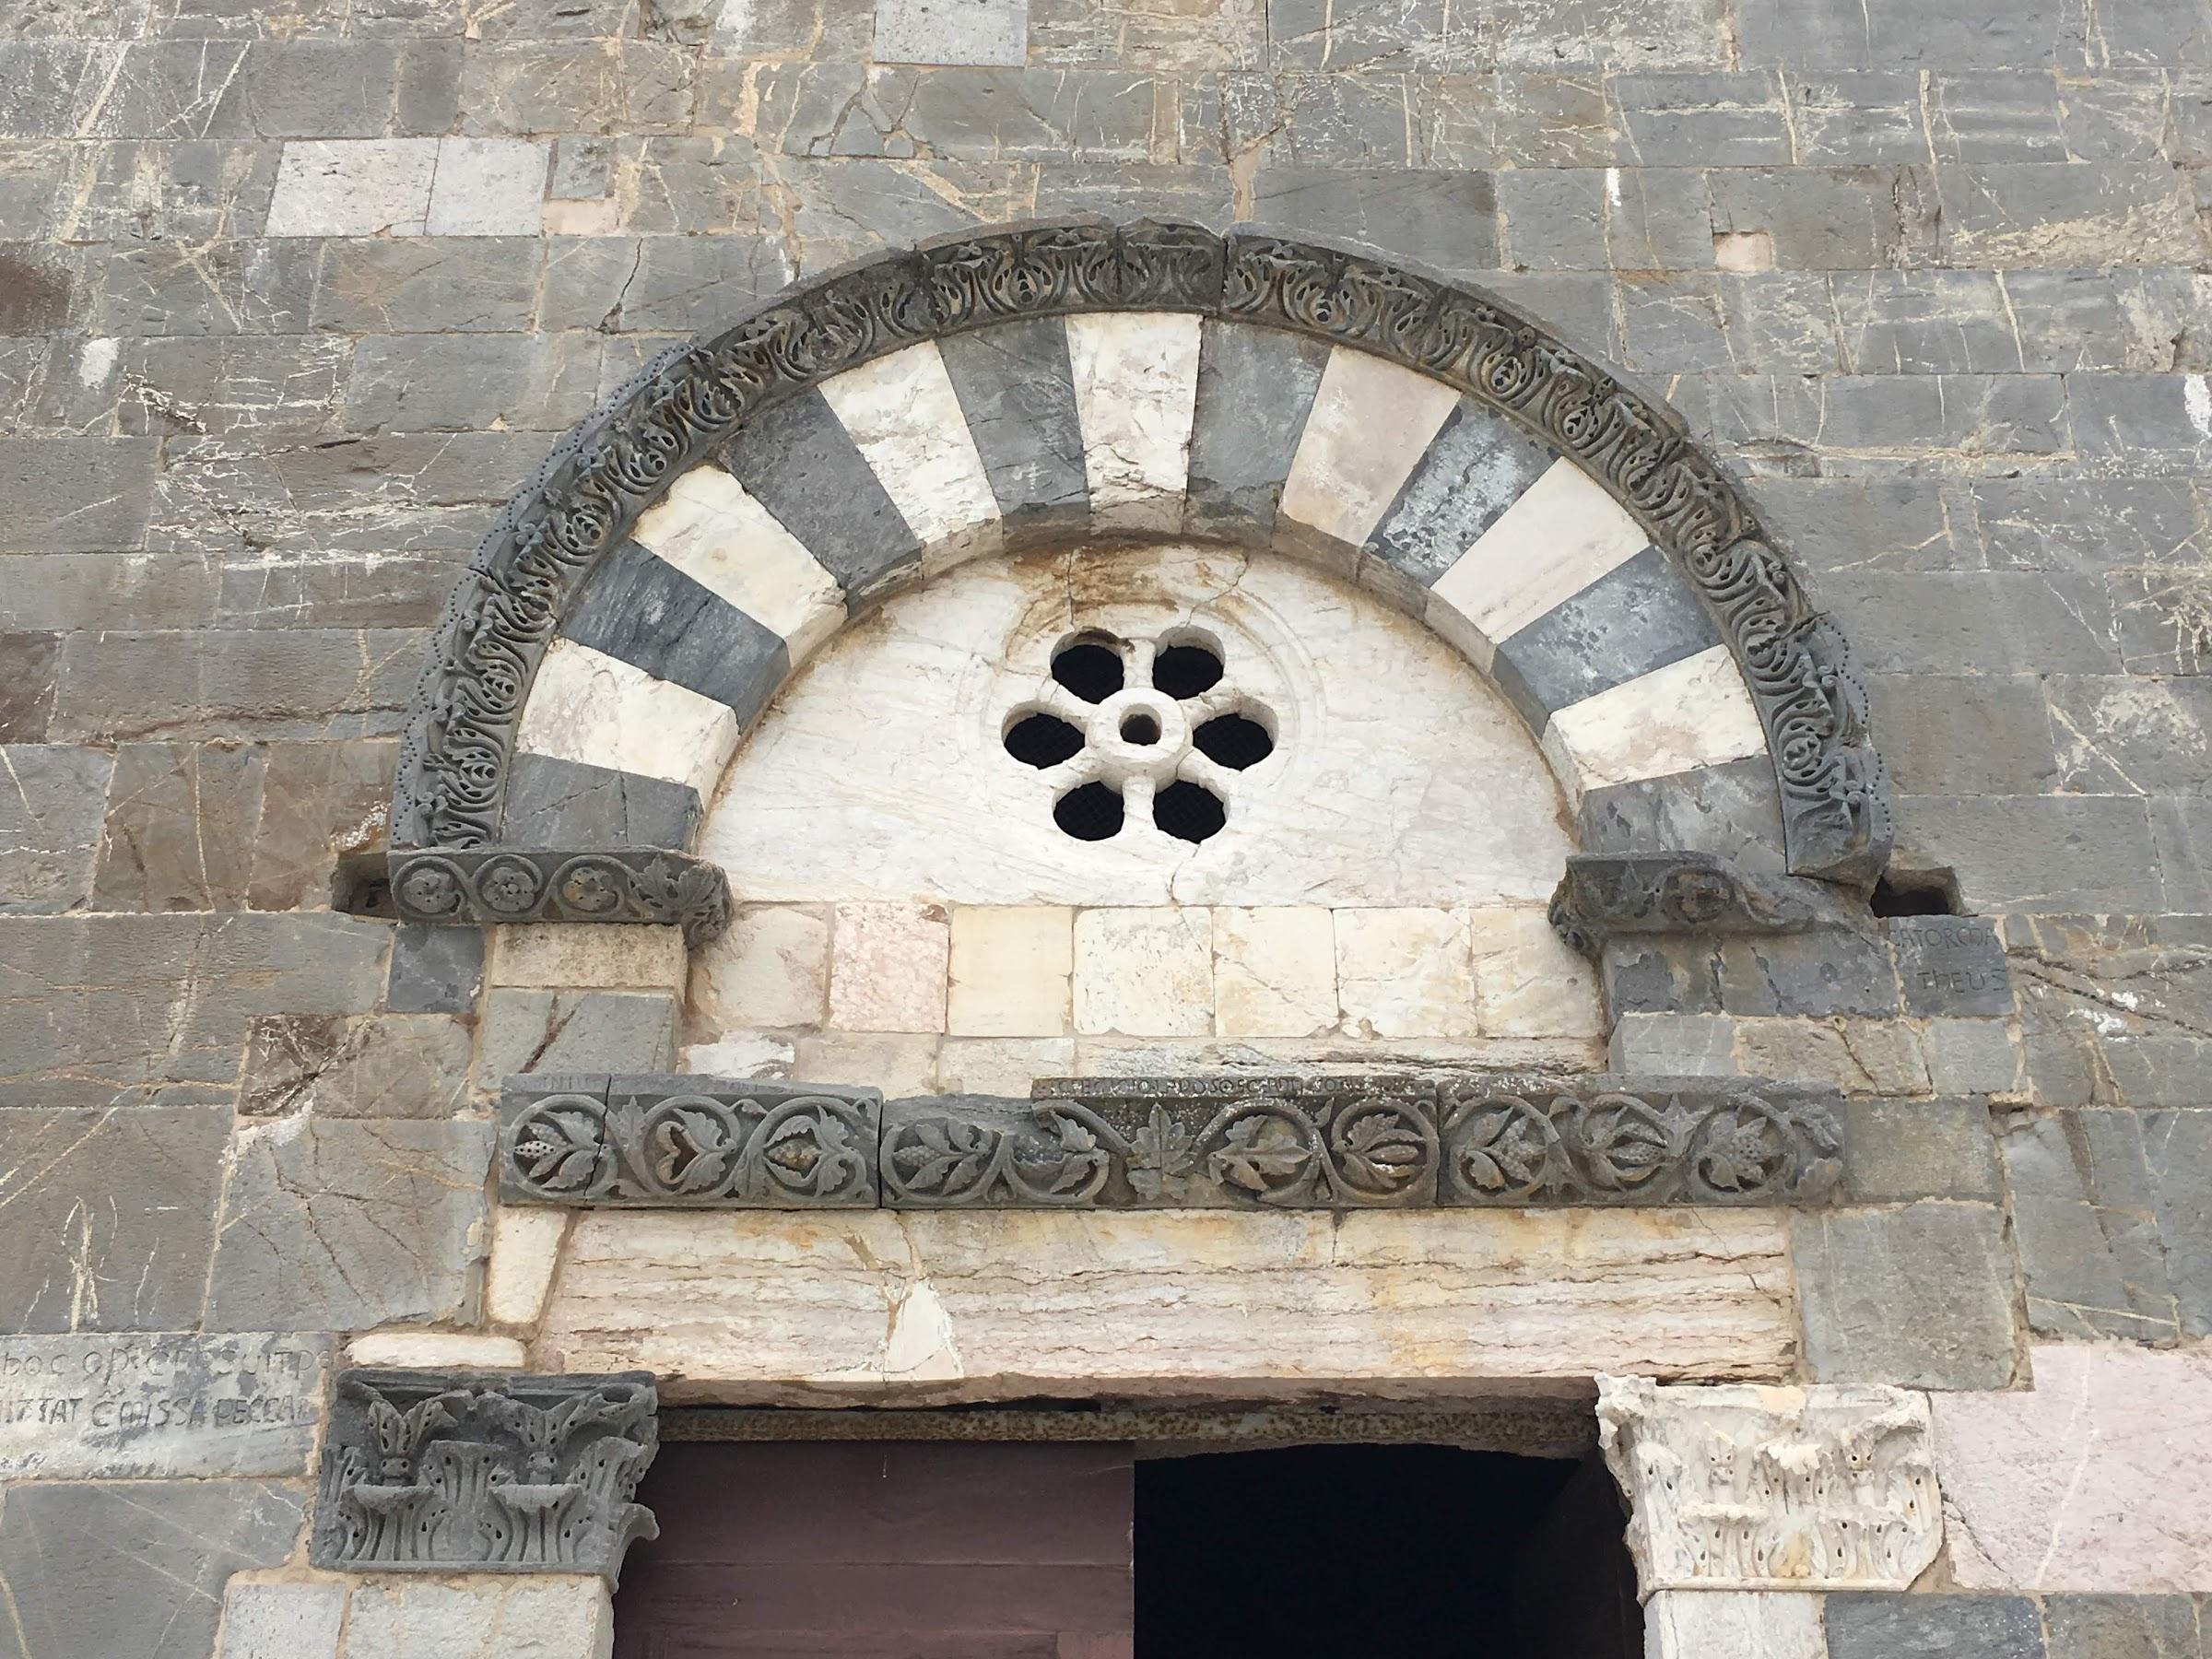 Lunetta del portale principale, Pieve di San Giovanni (Campiglia Marittima)